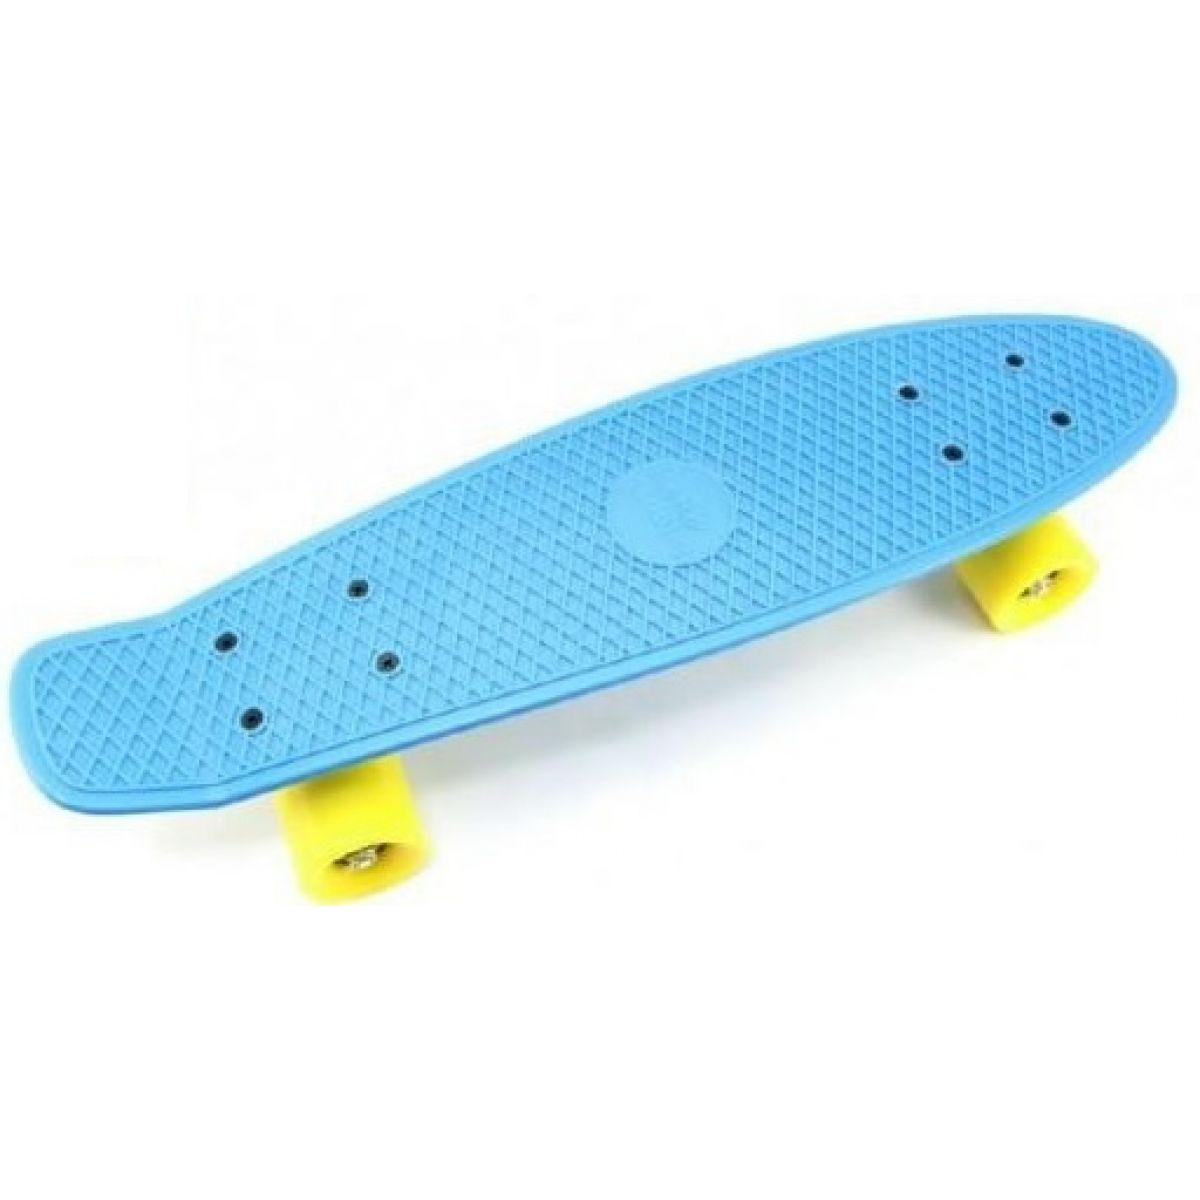 Skateboard pennyboard 60 cm svetlomodrá